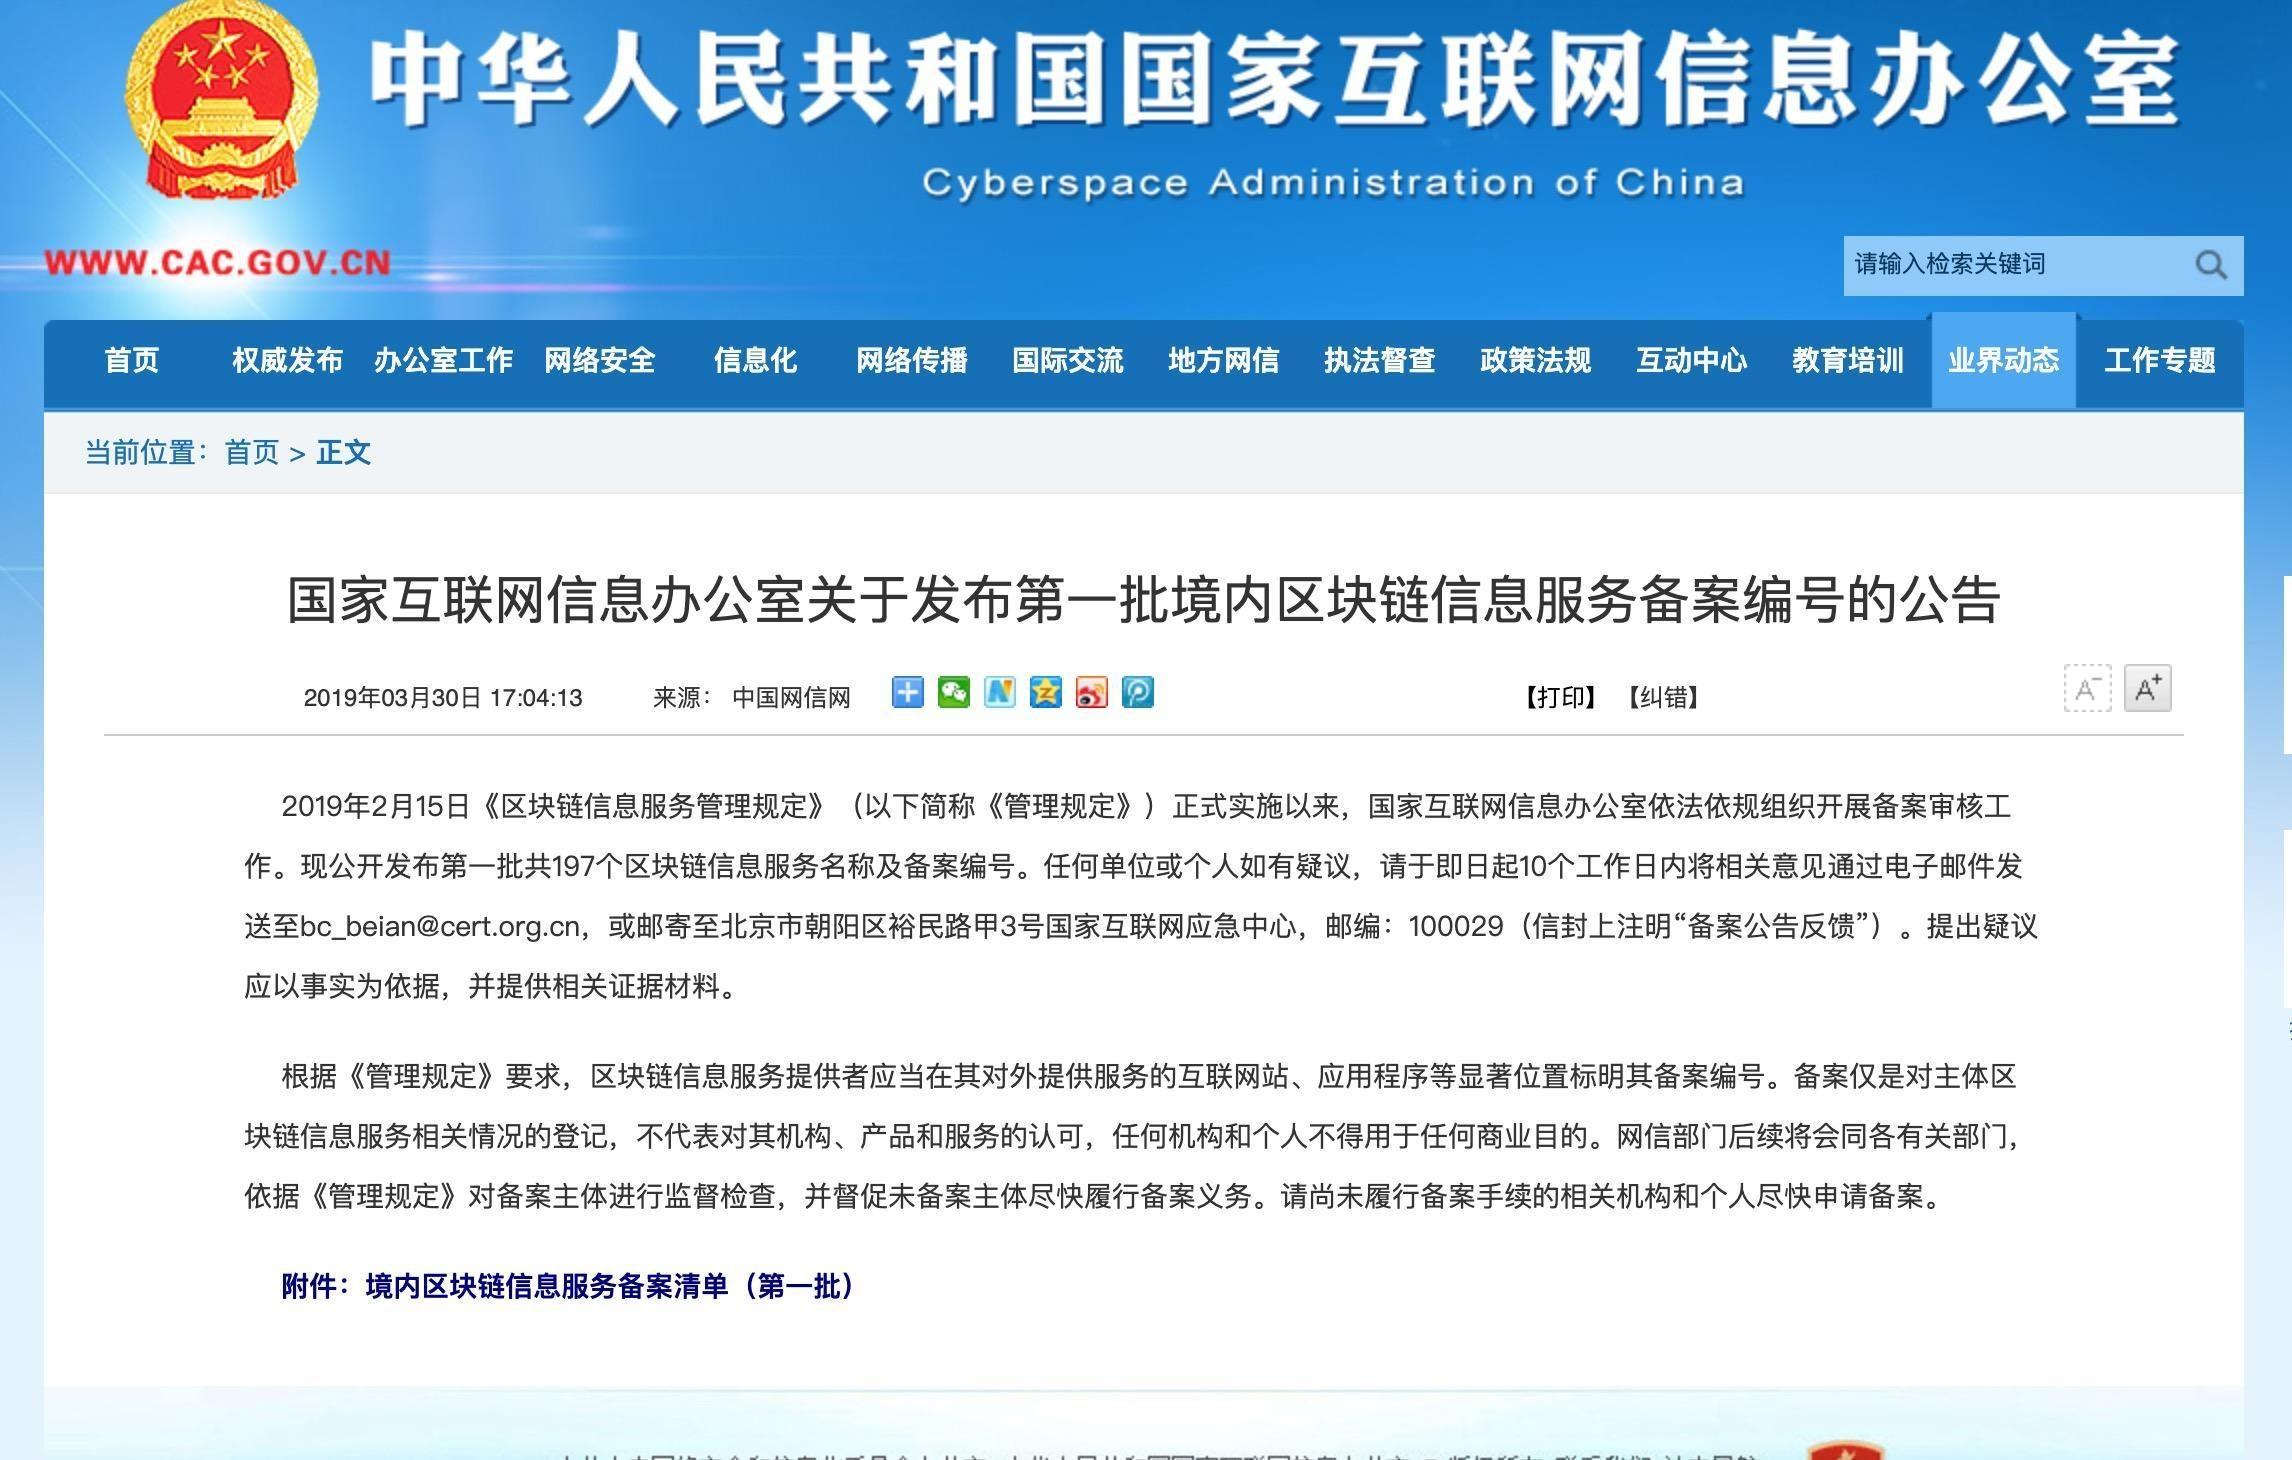 宋清辉:首批区块链备案名单发布 抢先者能够获得更大机遇